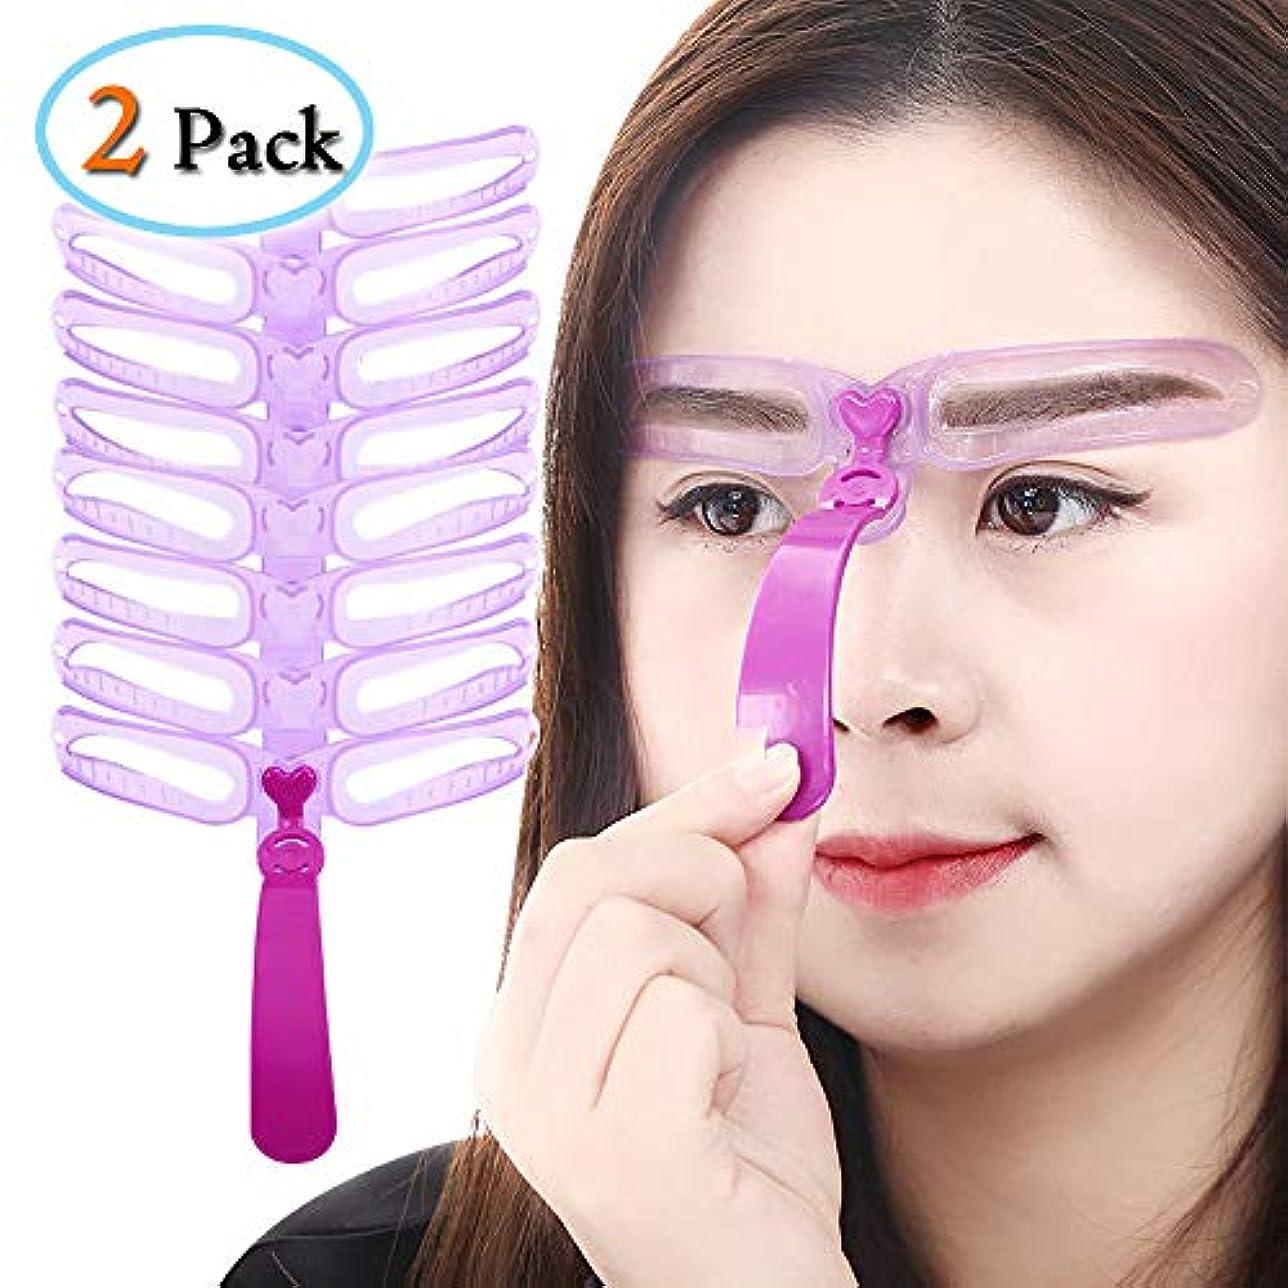 改善する自信がある祭司YuJiny 8種類 眉毛テンプレート 8パターン 眉毛を気分で使い分け 眉用ステンシル 美容ツール 男女兼用 2点セット